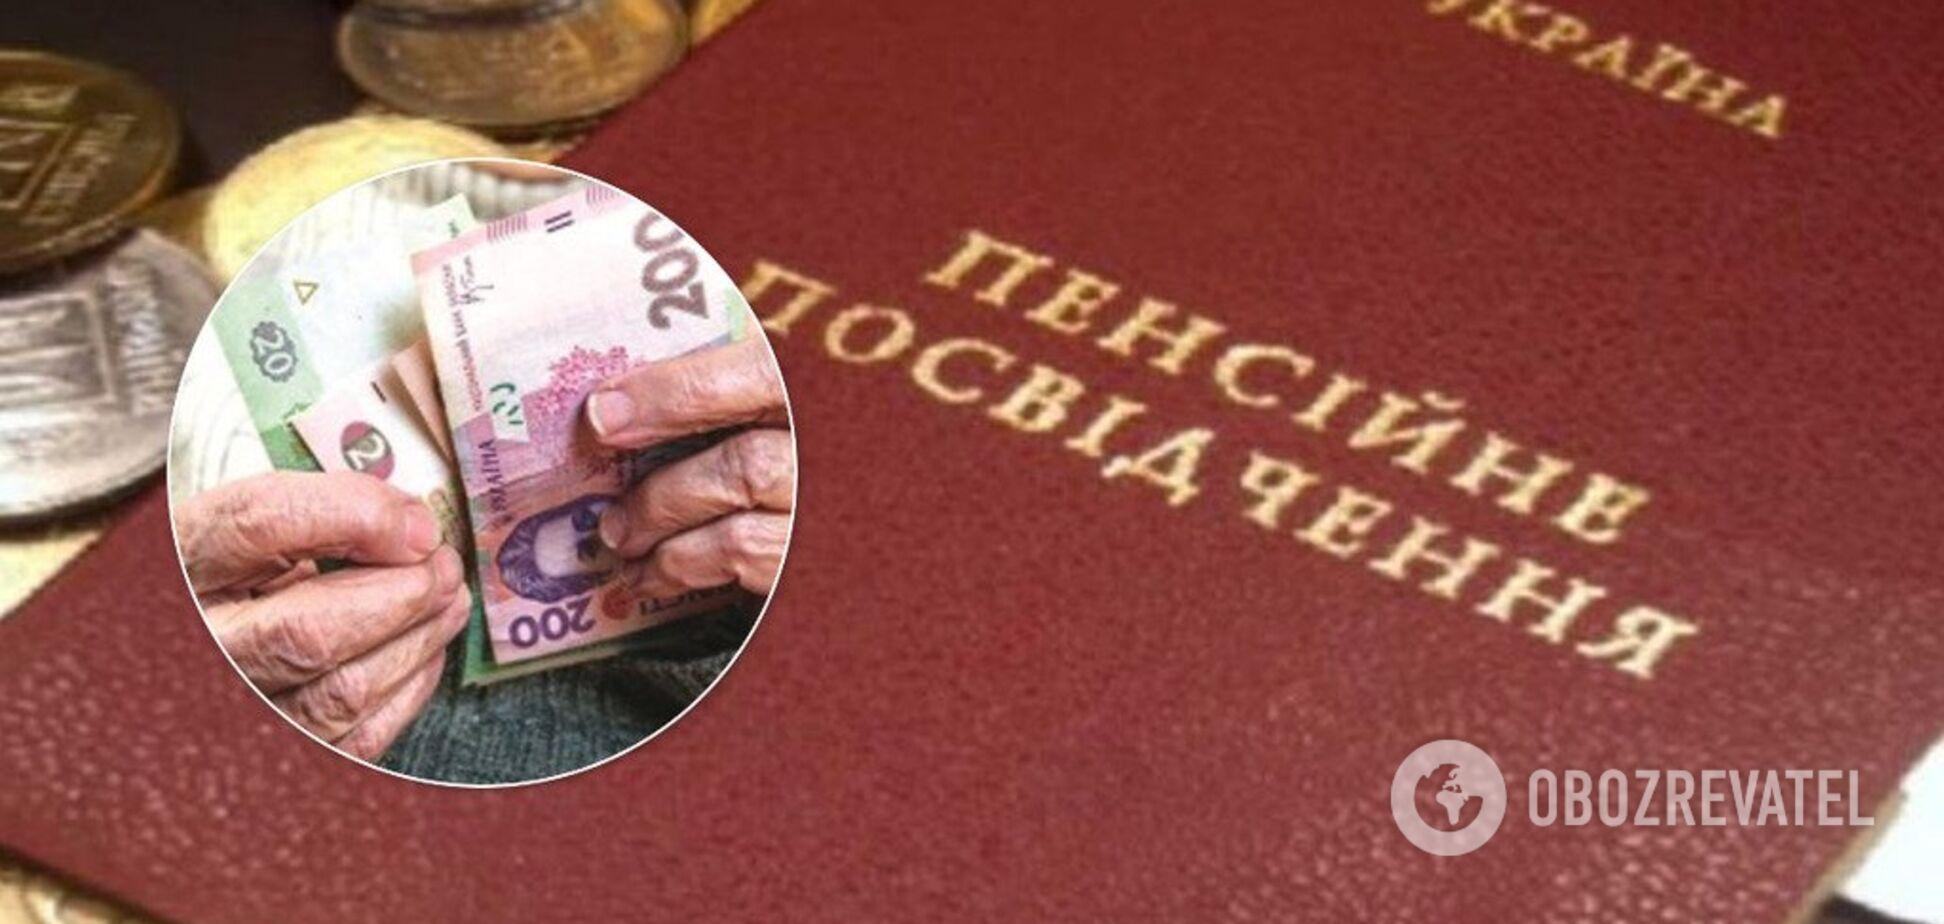 'Зеленський проводить грошову реформу'. Шахраї придумали нову схему для пенсіонерів